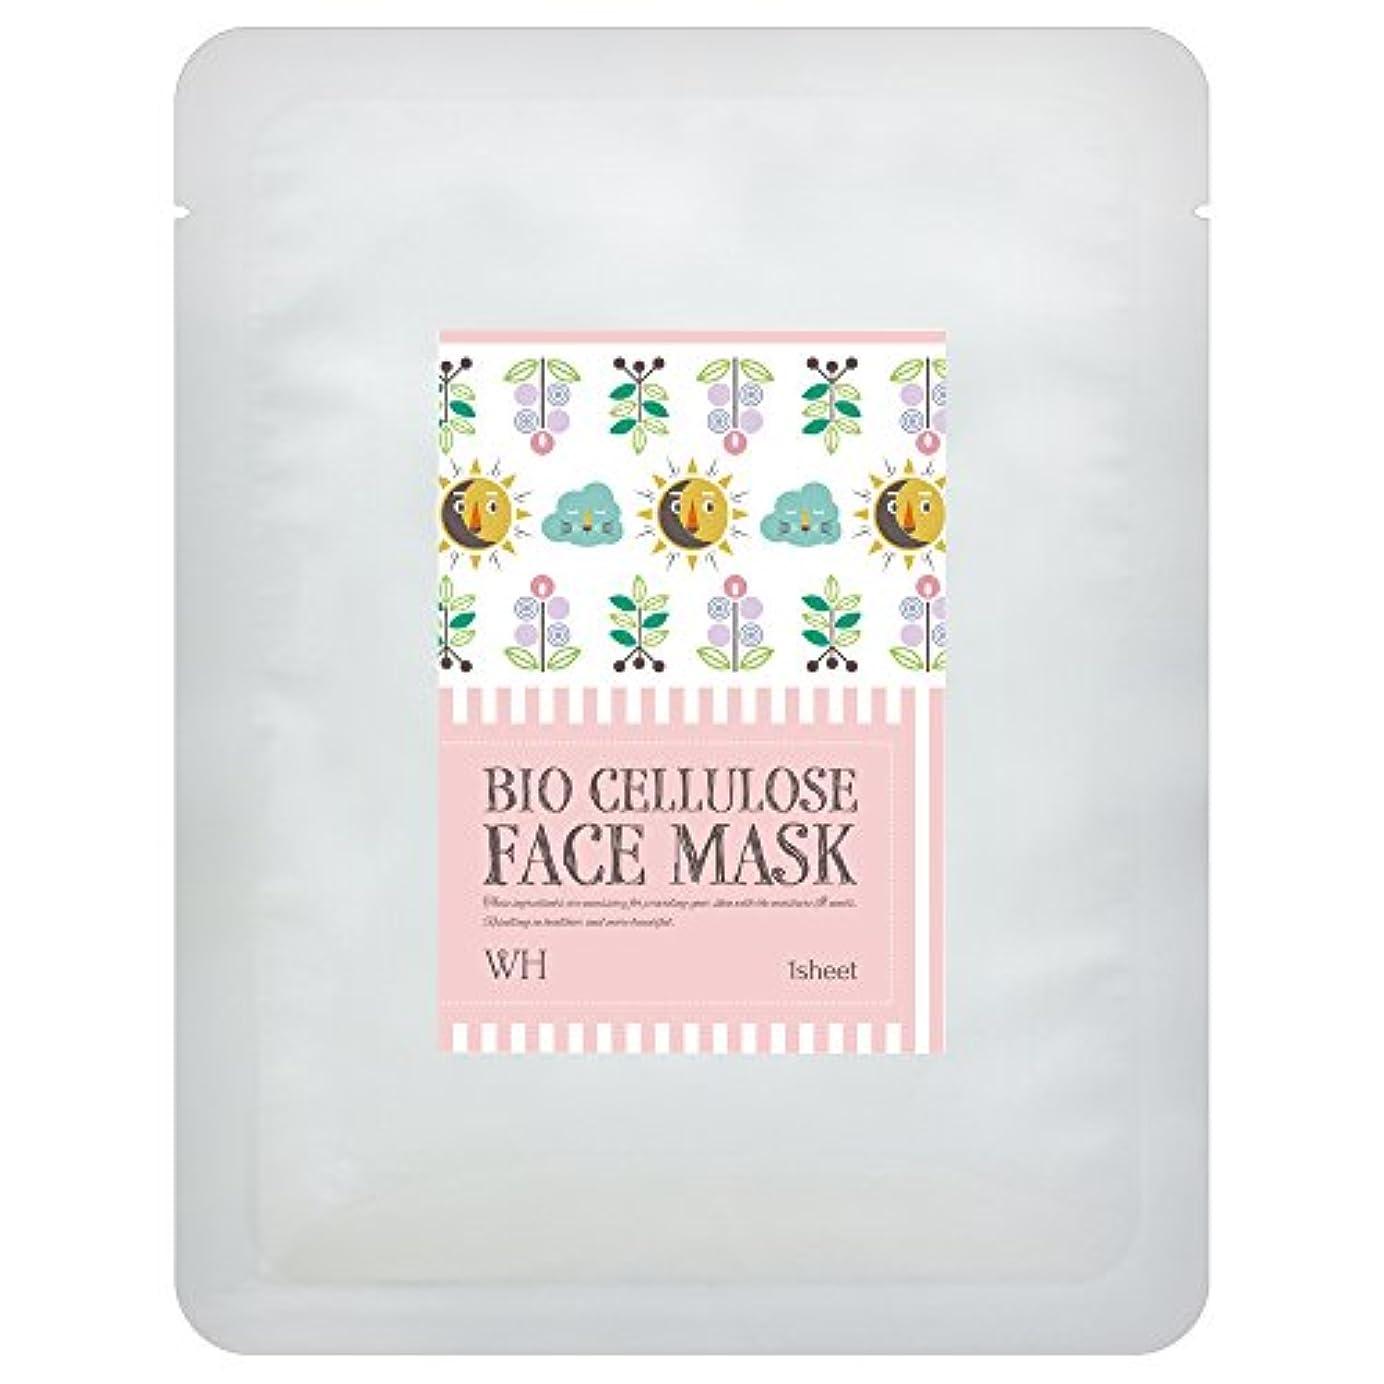 証明書まさに超越する日本製バイオセルロース フェイスマスク WH(輝白系) 1枚